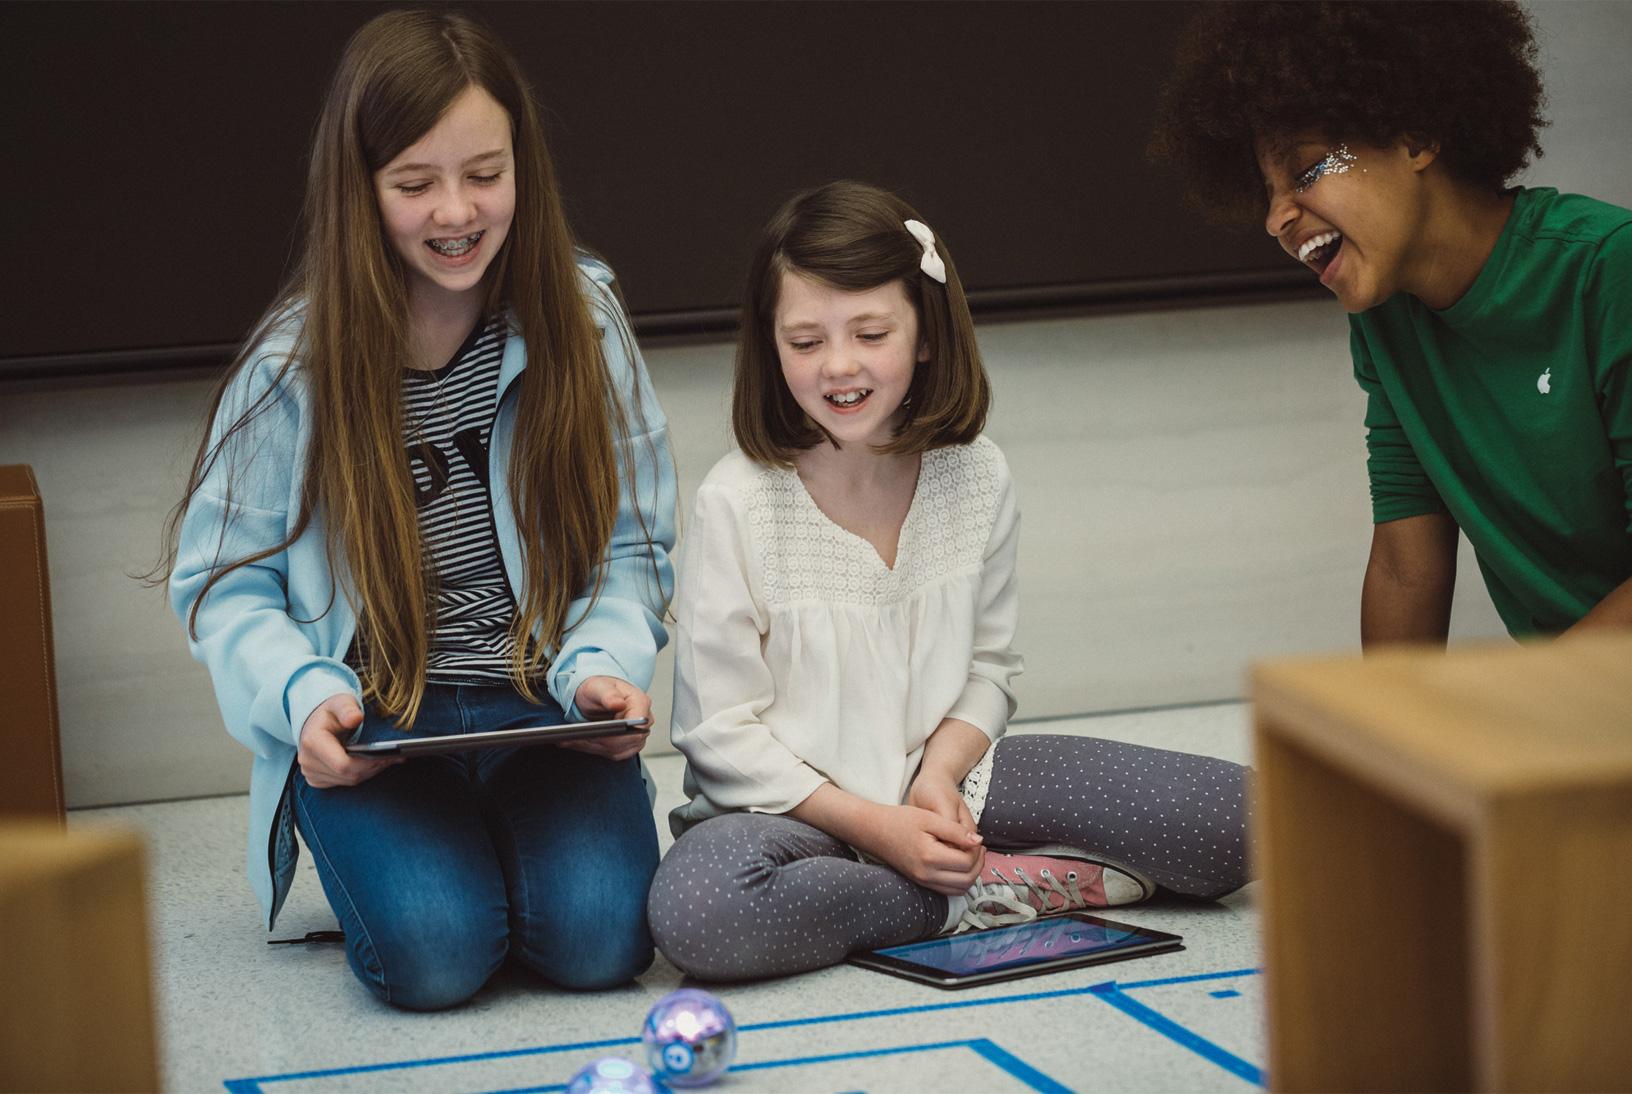 Lezioni di programmazione-gratuite da Apple per la Code Week Europea